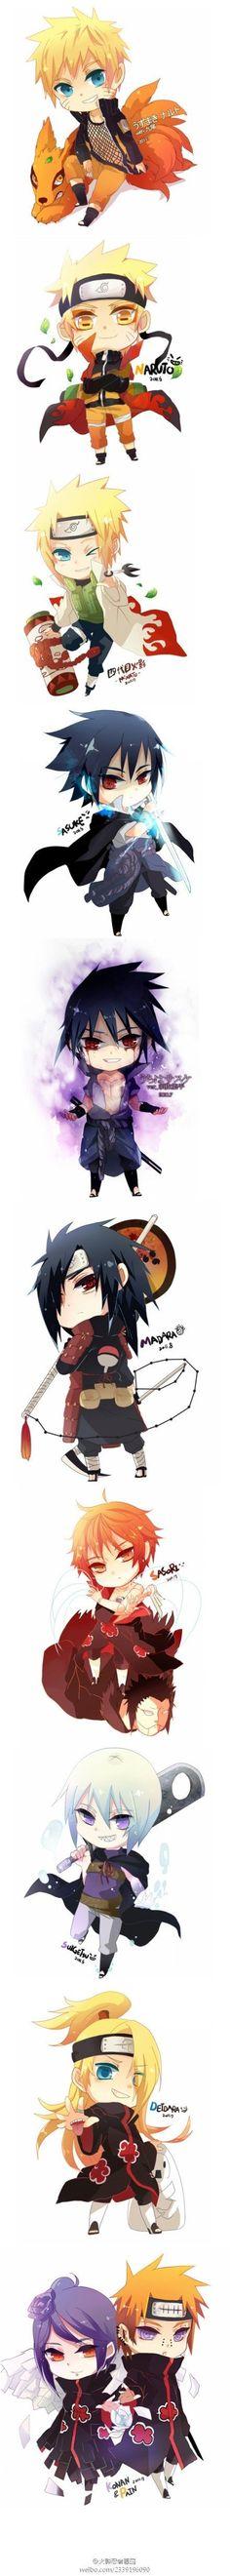 Kyuubi Naruto Sage Naruto Minato Lightning Sasuke Darkness Sasuke Madara Sasori Deidara Suigetsu Konan: